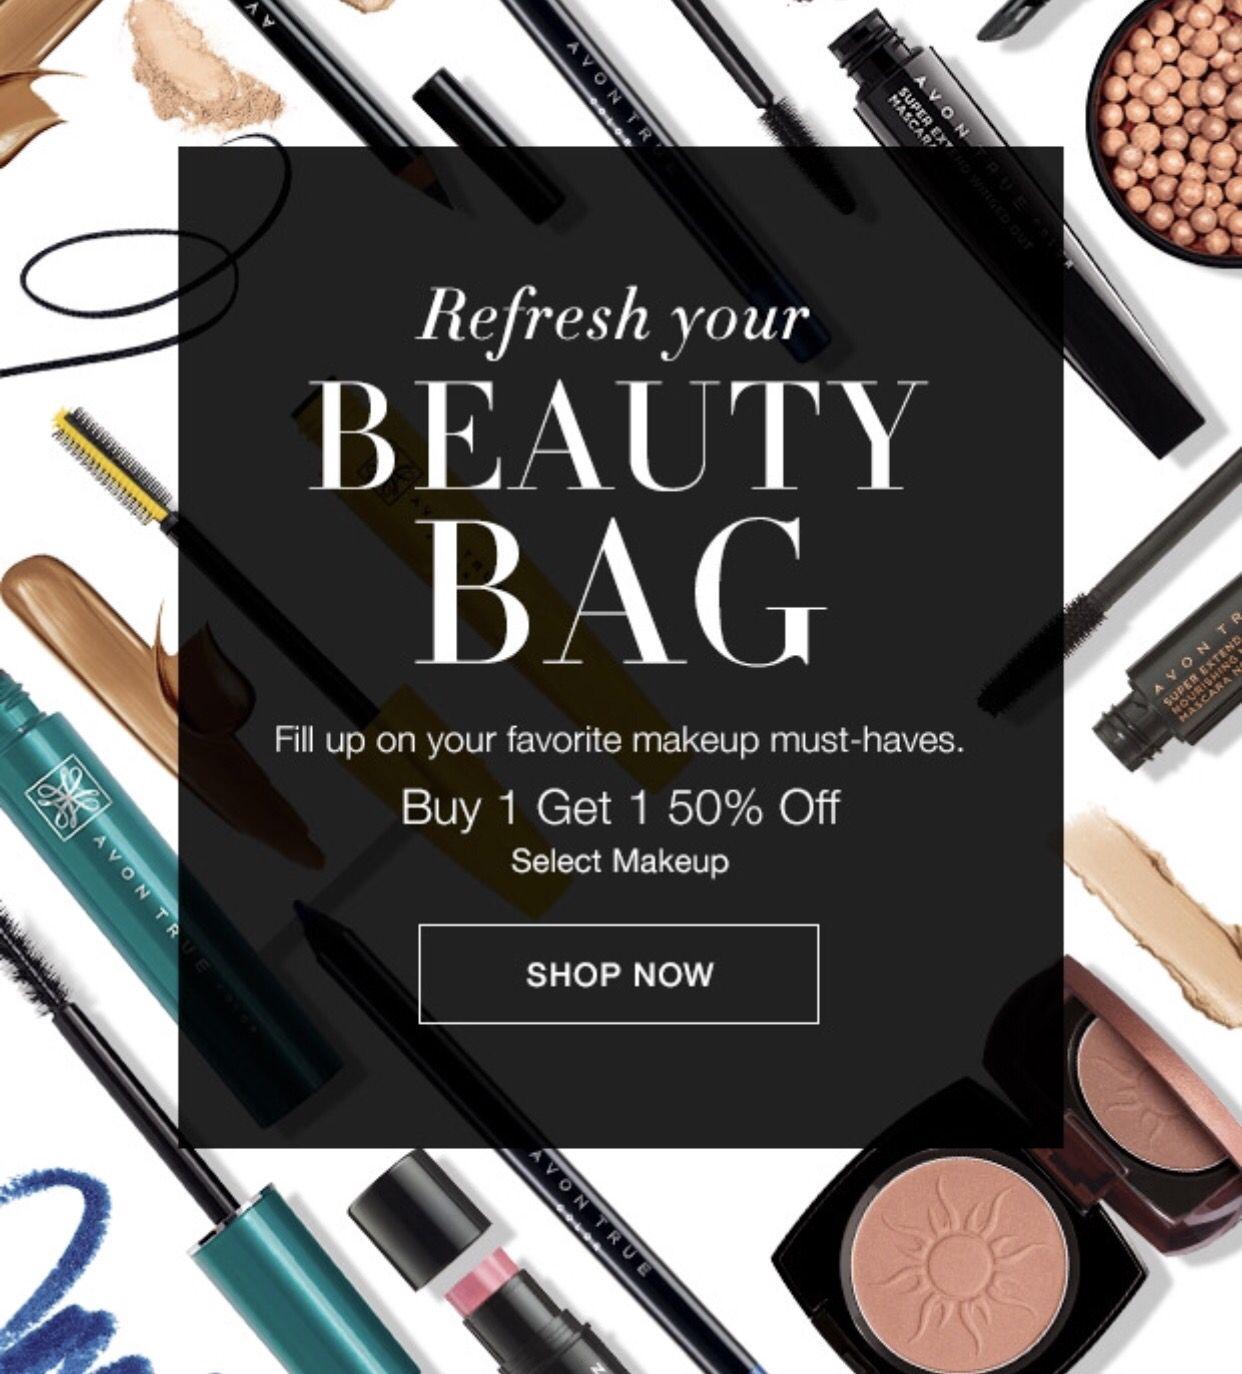 Buy 1 Get 1 50 Off! Select Makeup! makeup makeupgirl